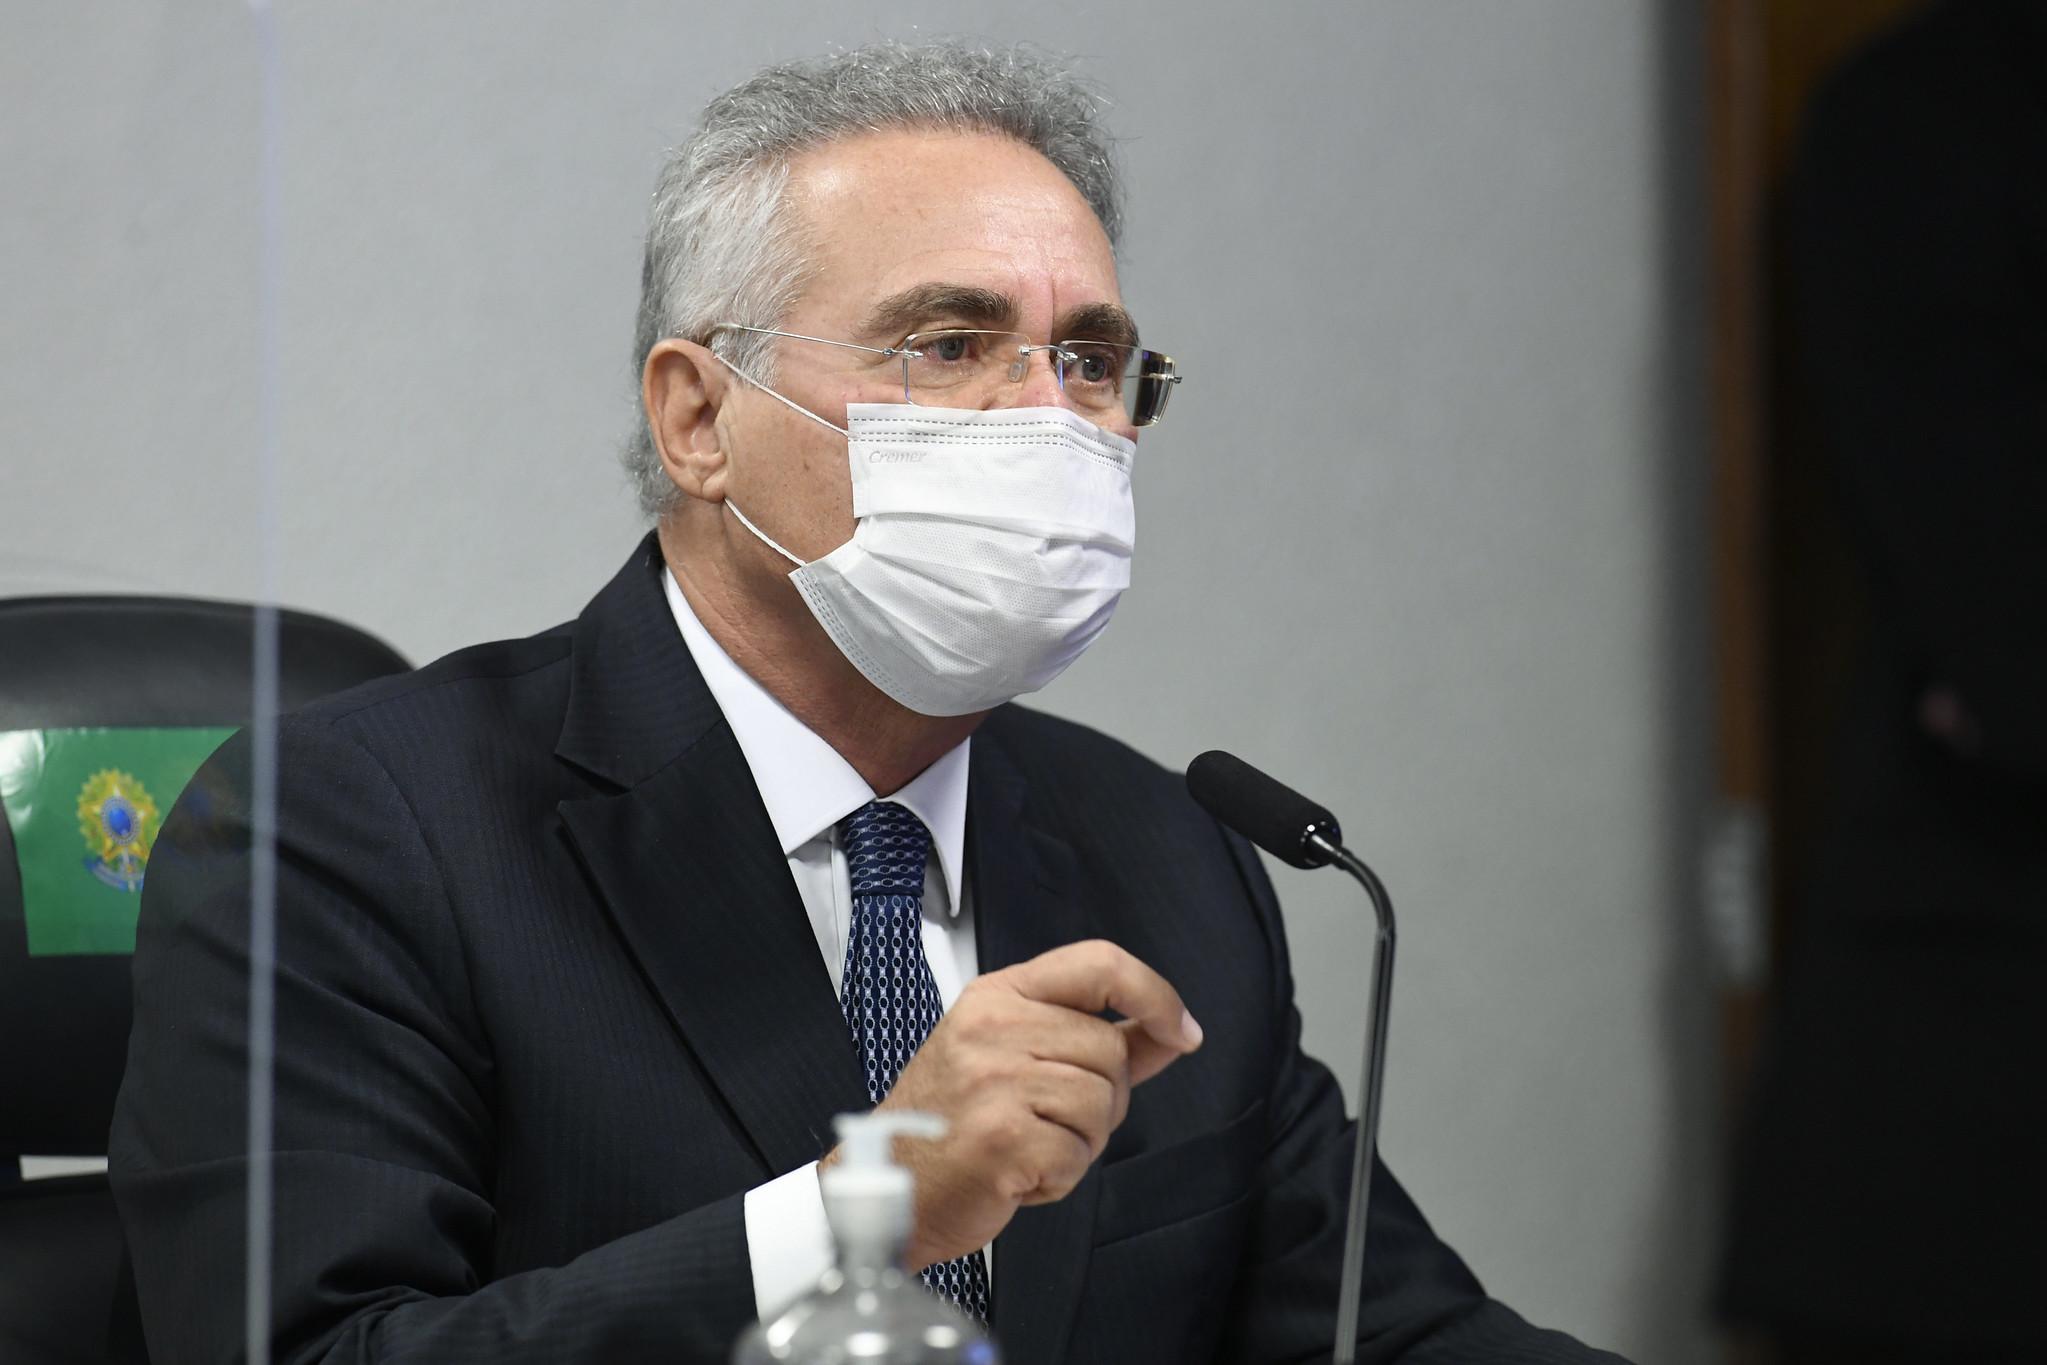 IMAGEM: CPI tem provas de reuniões diárias de Bolsonaro com ministério paralelo, diz Renan